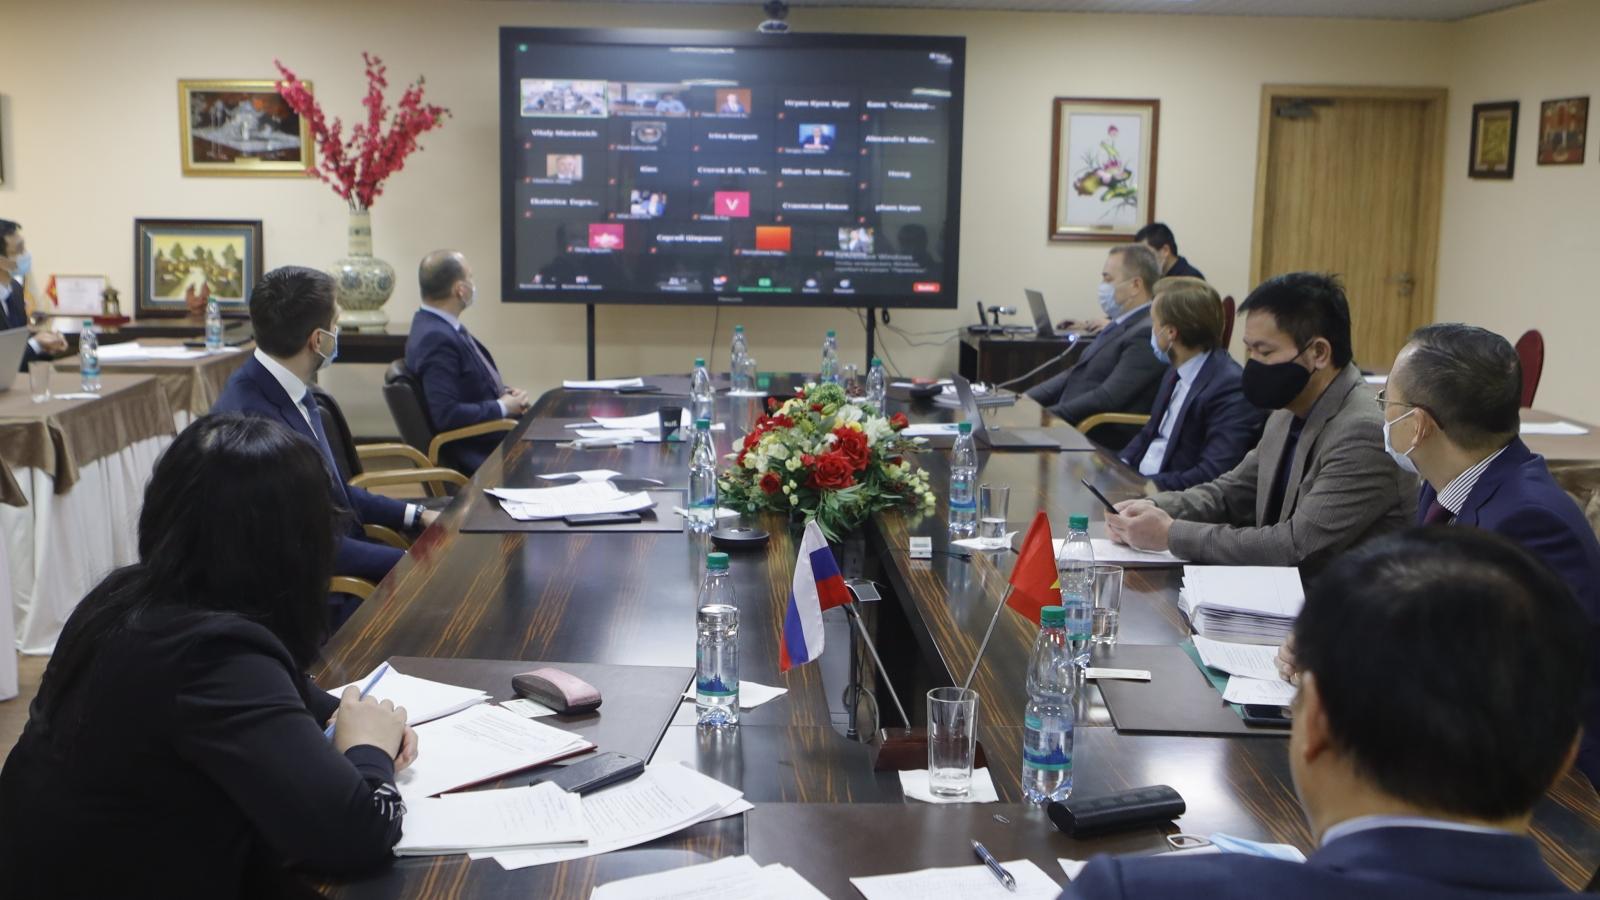 Thúc đẩy quan hệ kinh tế thương mại Việt - Nga trong bối cảnh mới